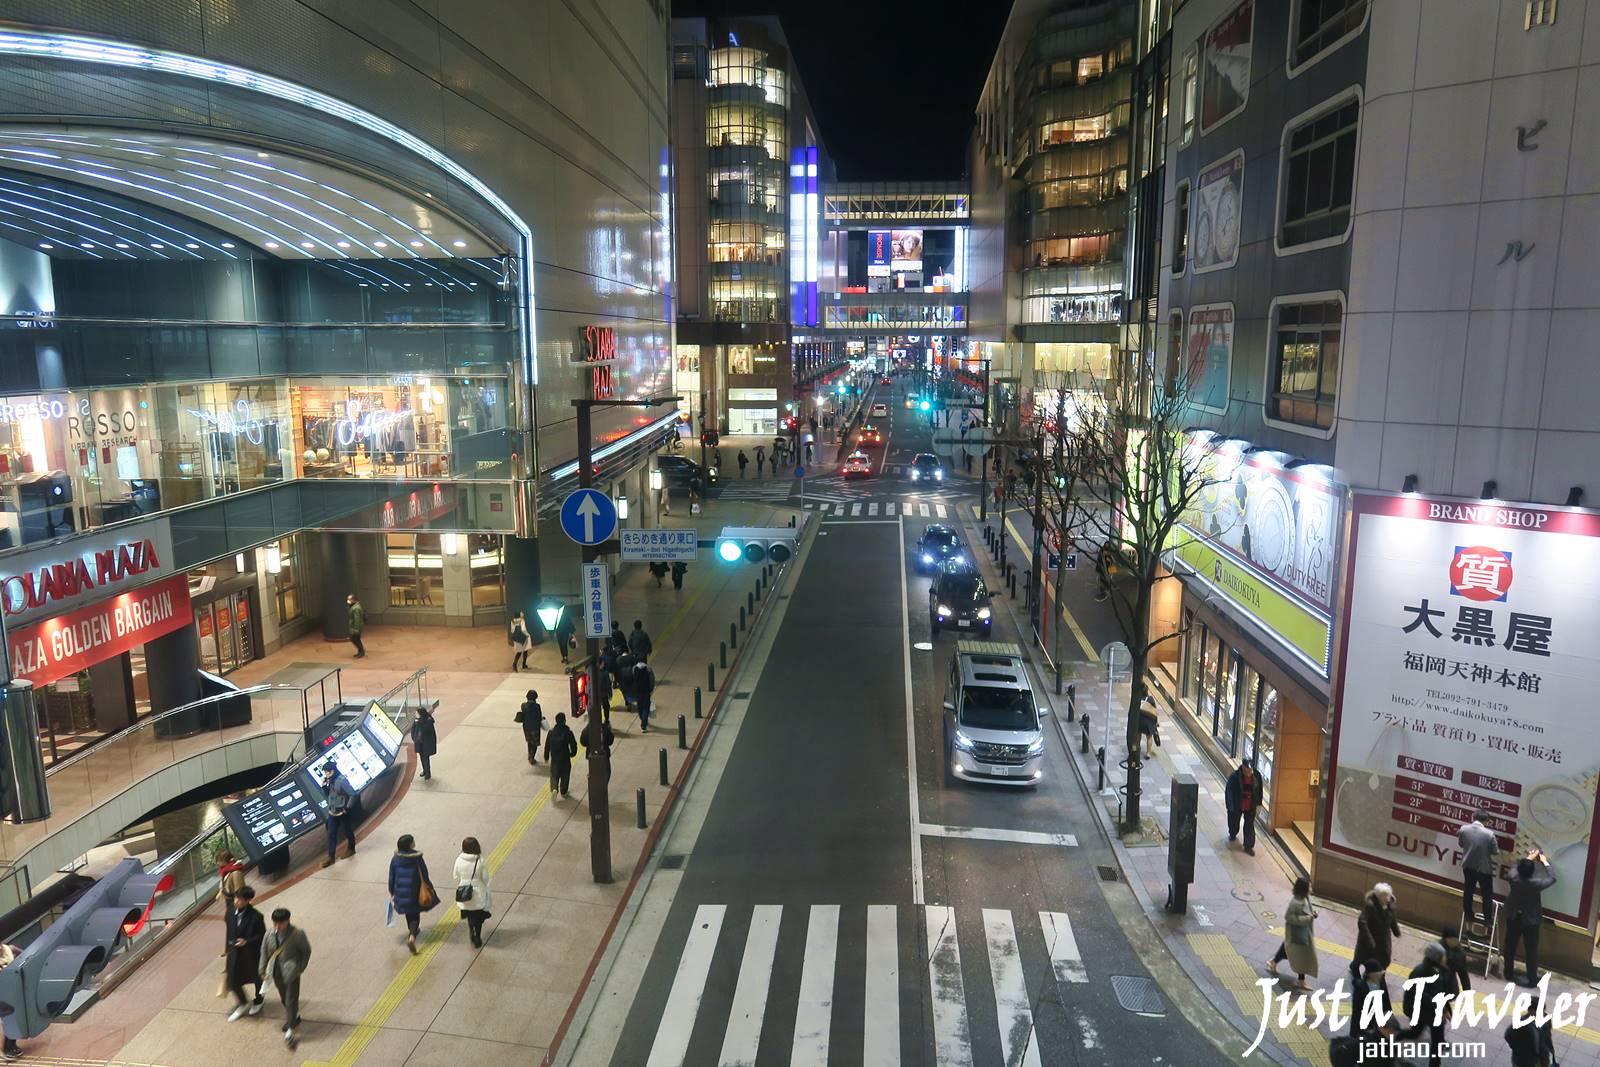 福岡-景點-推薦-天神-福岡好玩景點-福岡必玩景點-福岡必去景點-福岡自由行景點-攻略-市區-郊區-福岡觀光景點-福岡旅遊景點-福岡旅行-福岡行程-Fukuoka-Tourist-Attraction